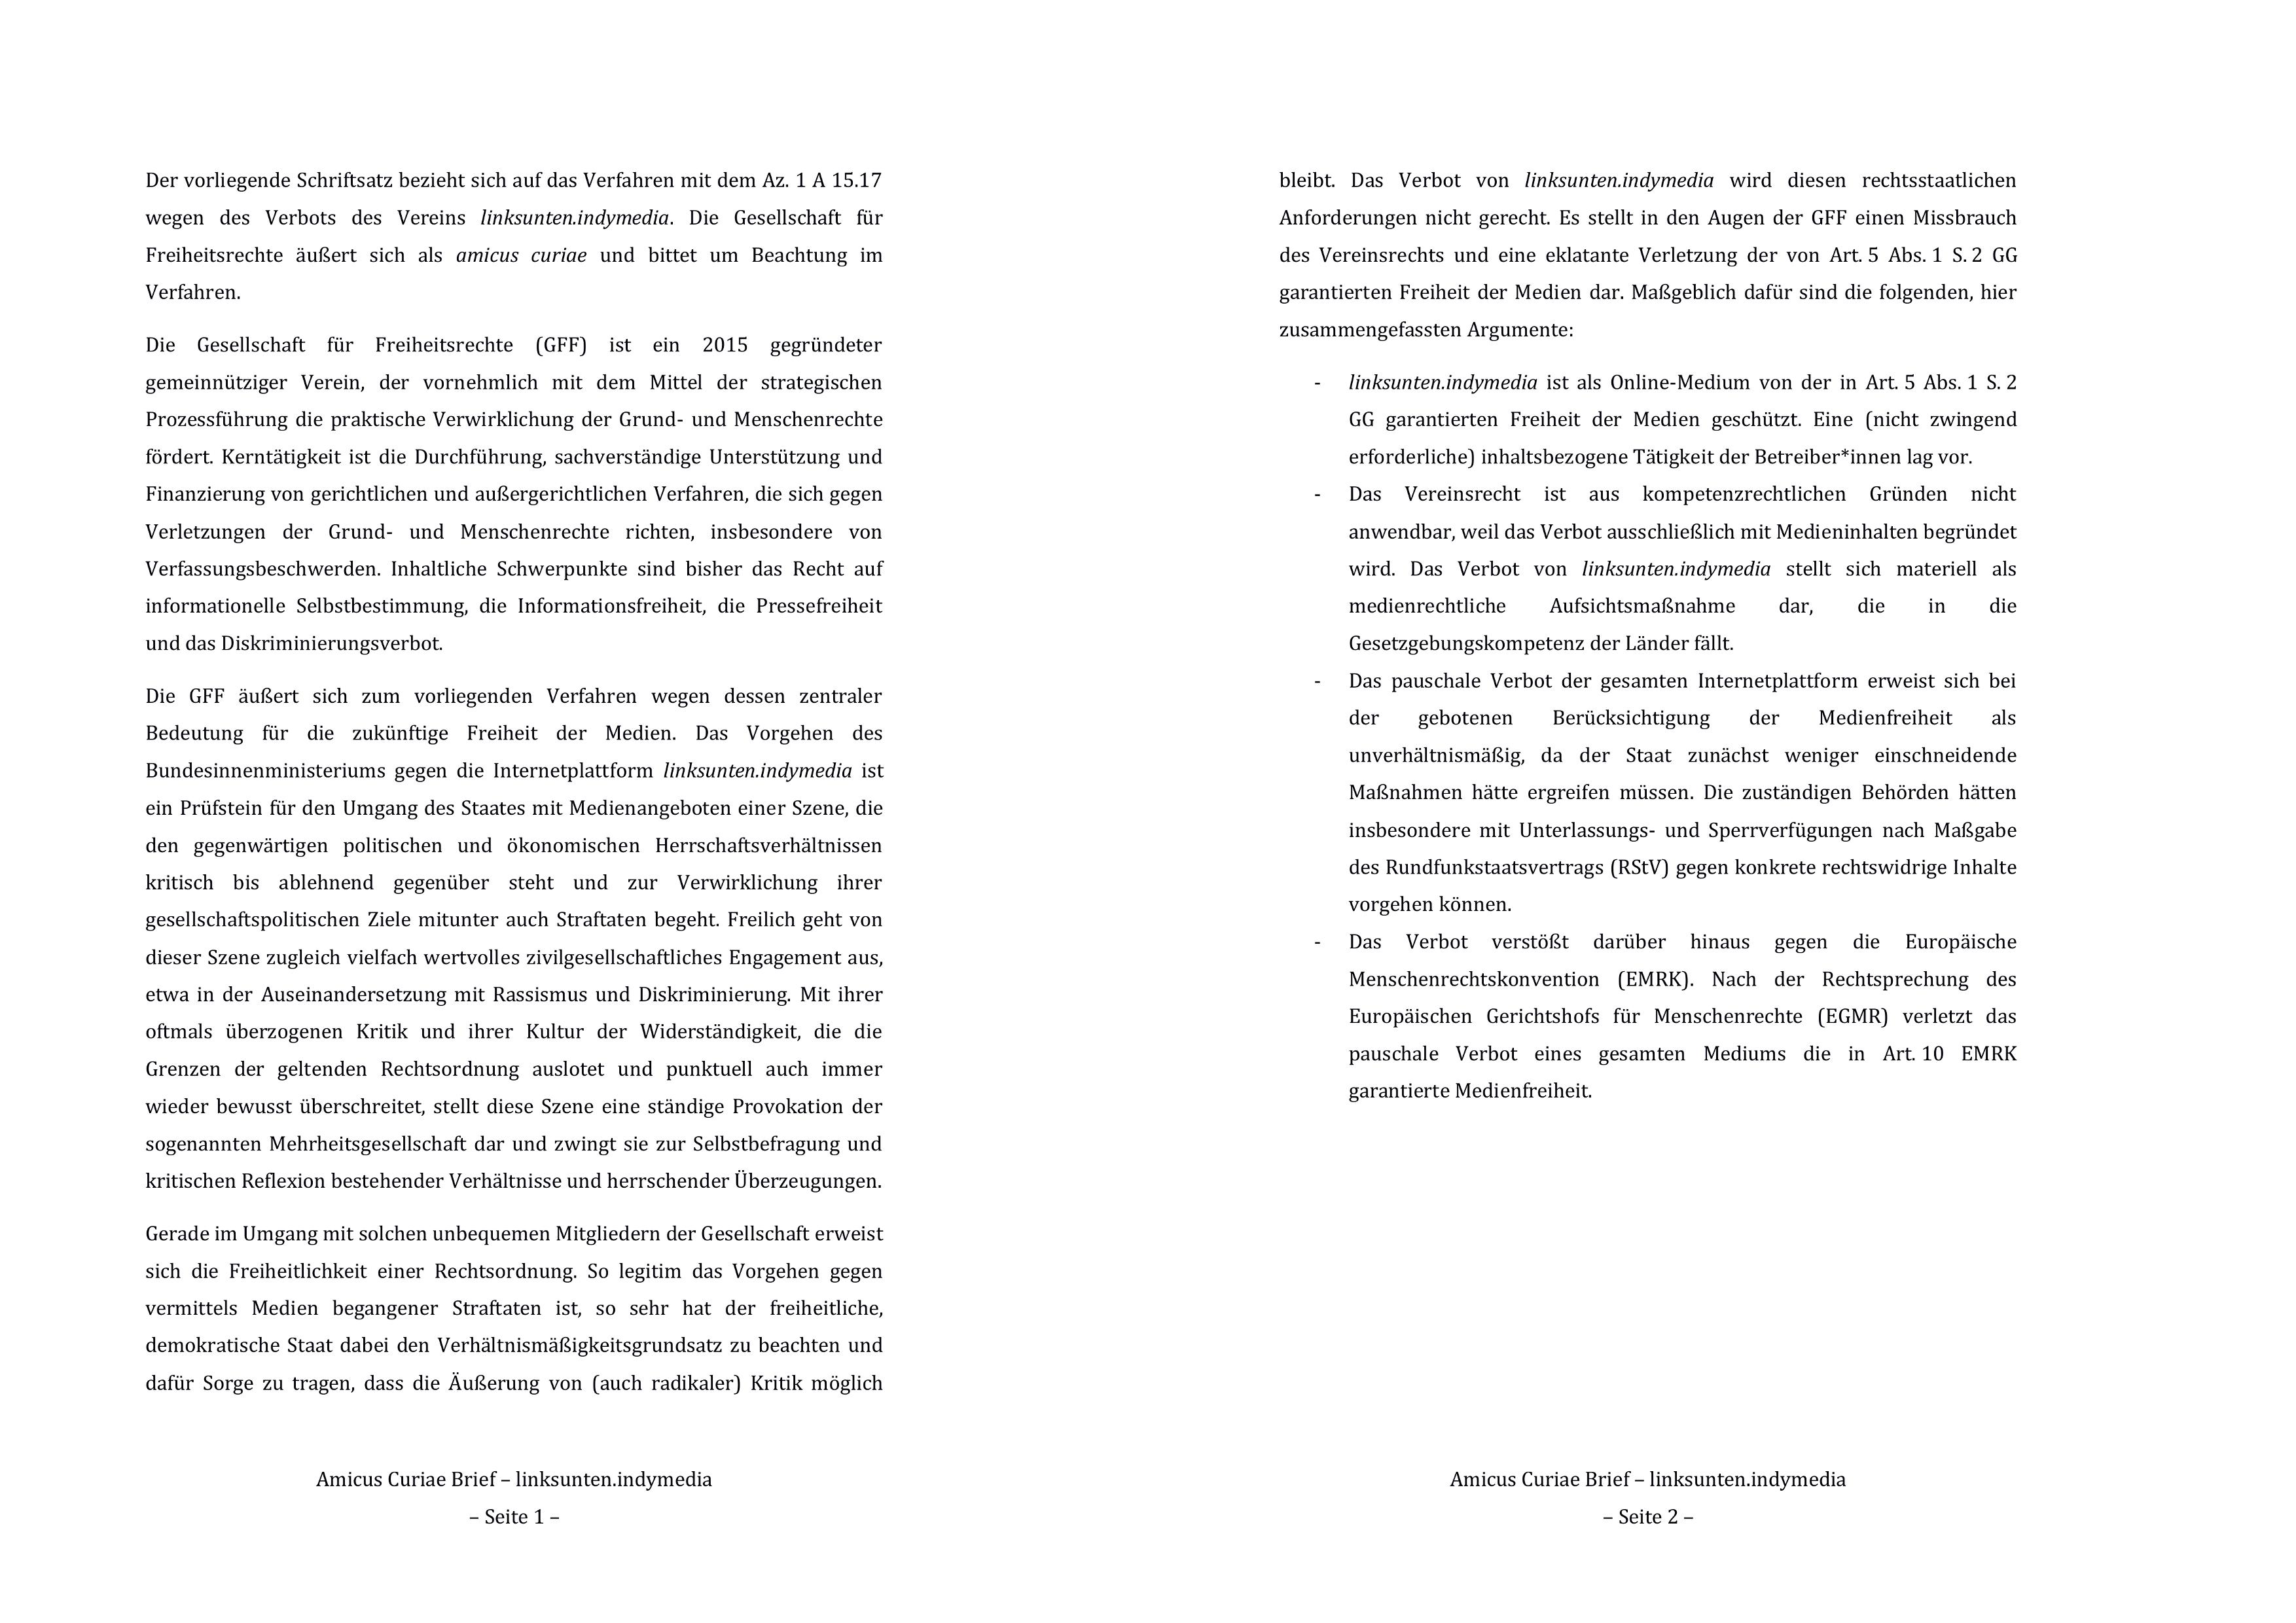 Zusammenfassung (S. 3 und 4) der GFF-Stellungnahme